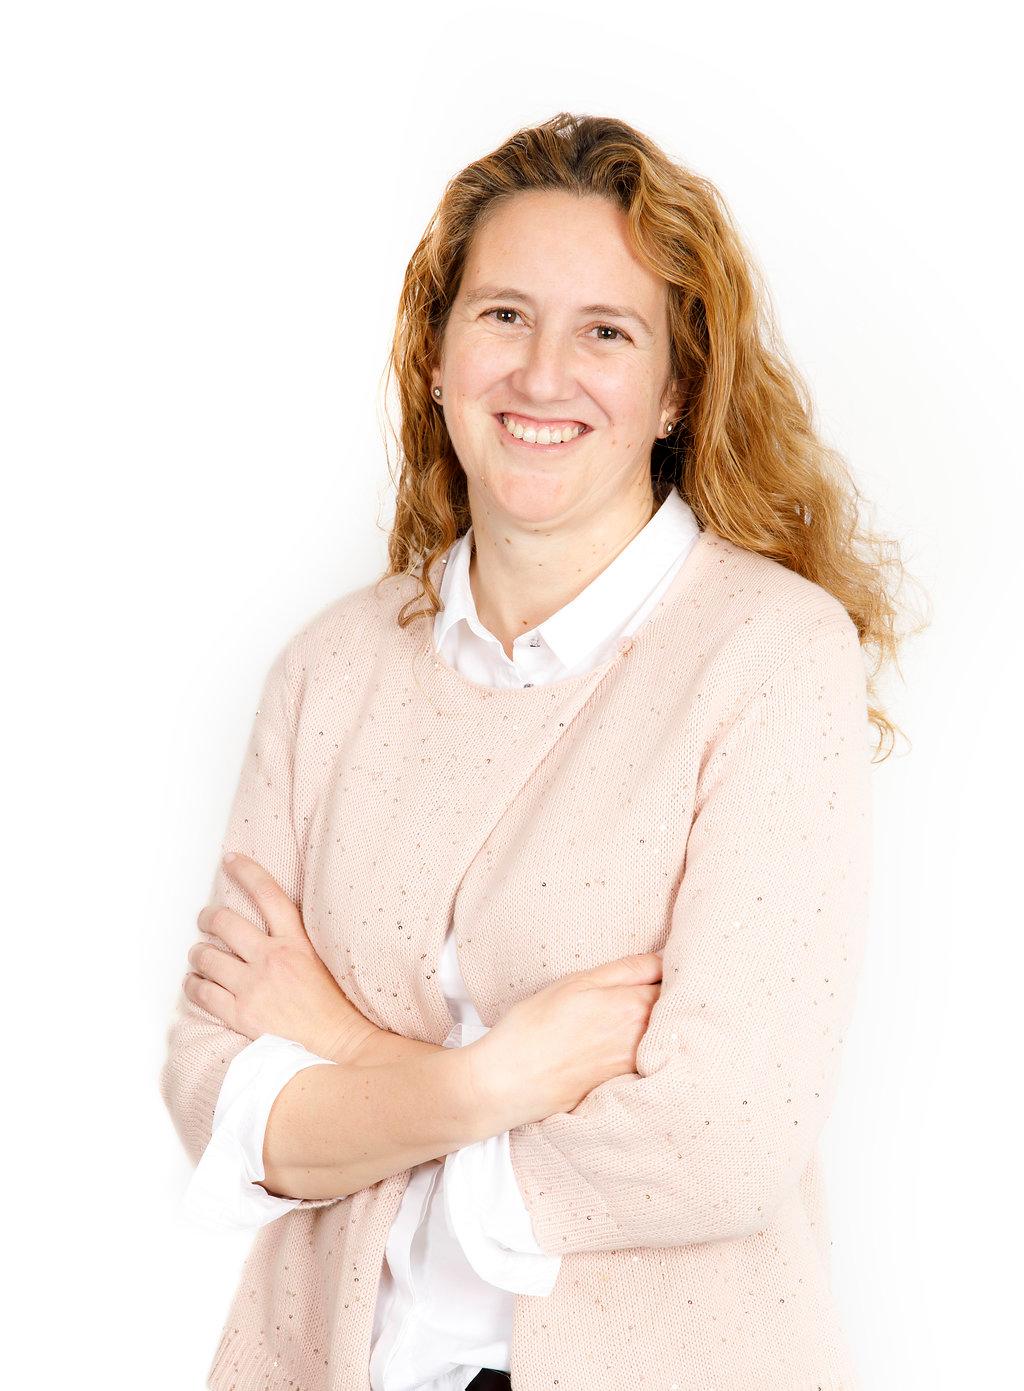 Rosa Ferragut